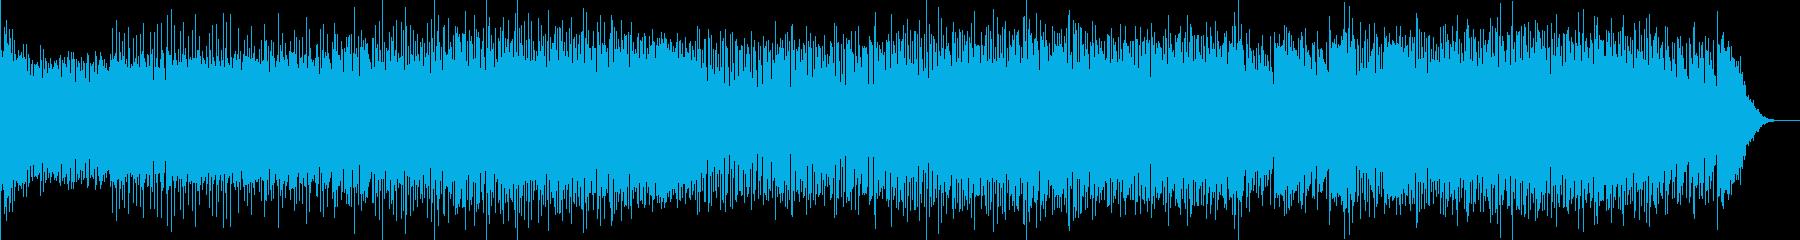 映画音楽、荘厳重厚、映像向け-04の再生済みの波形